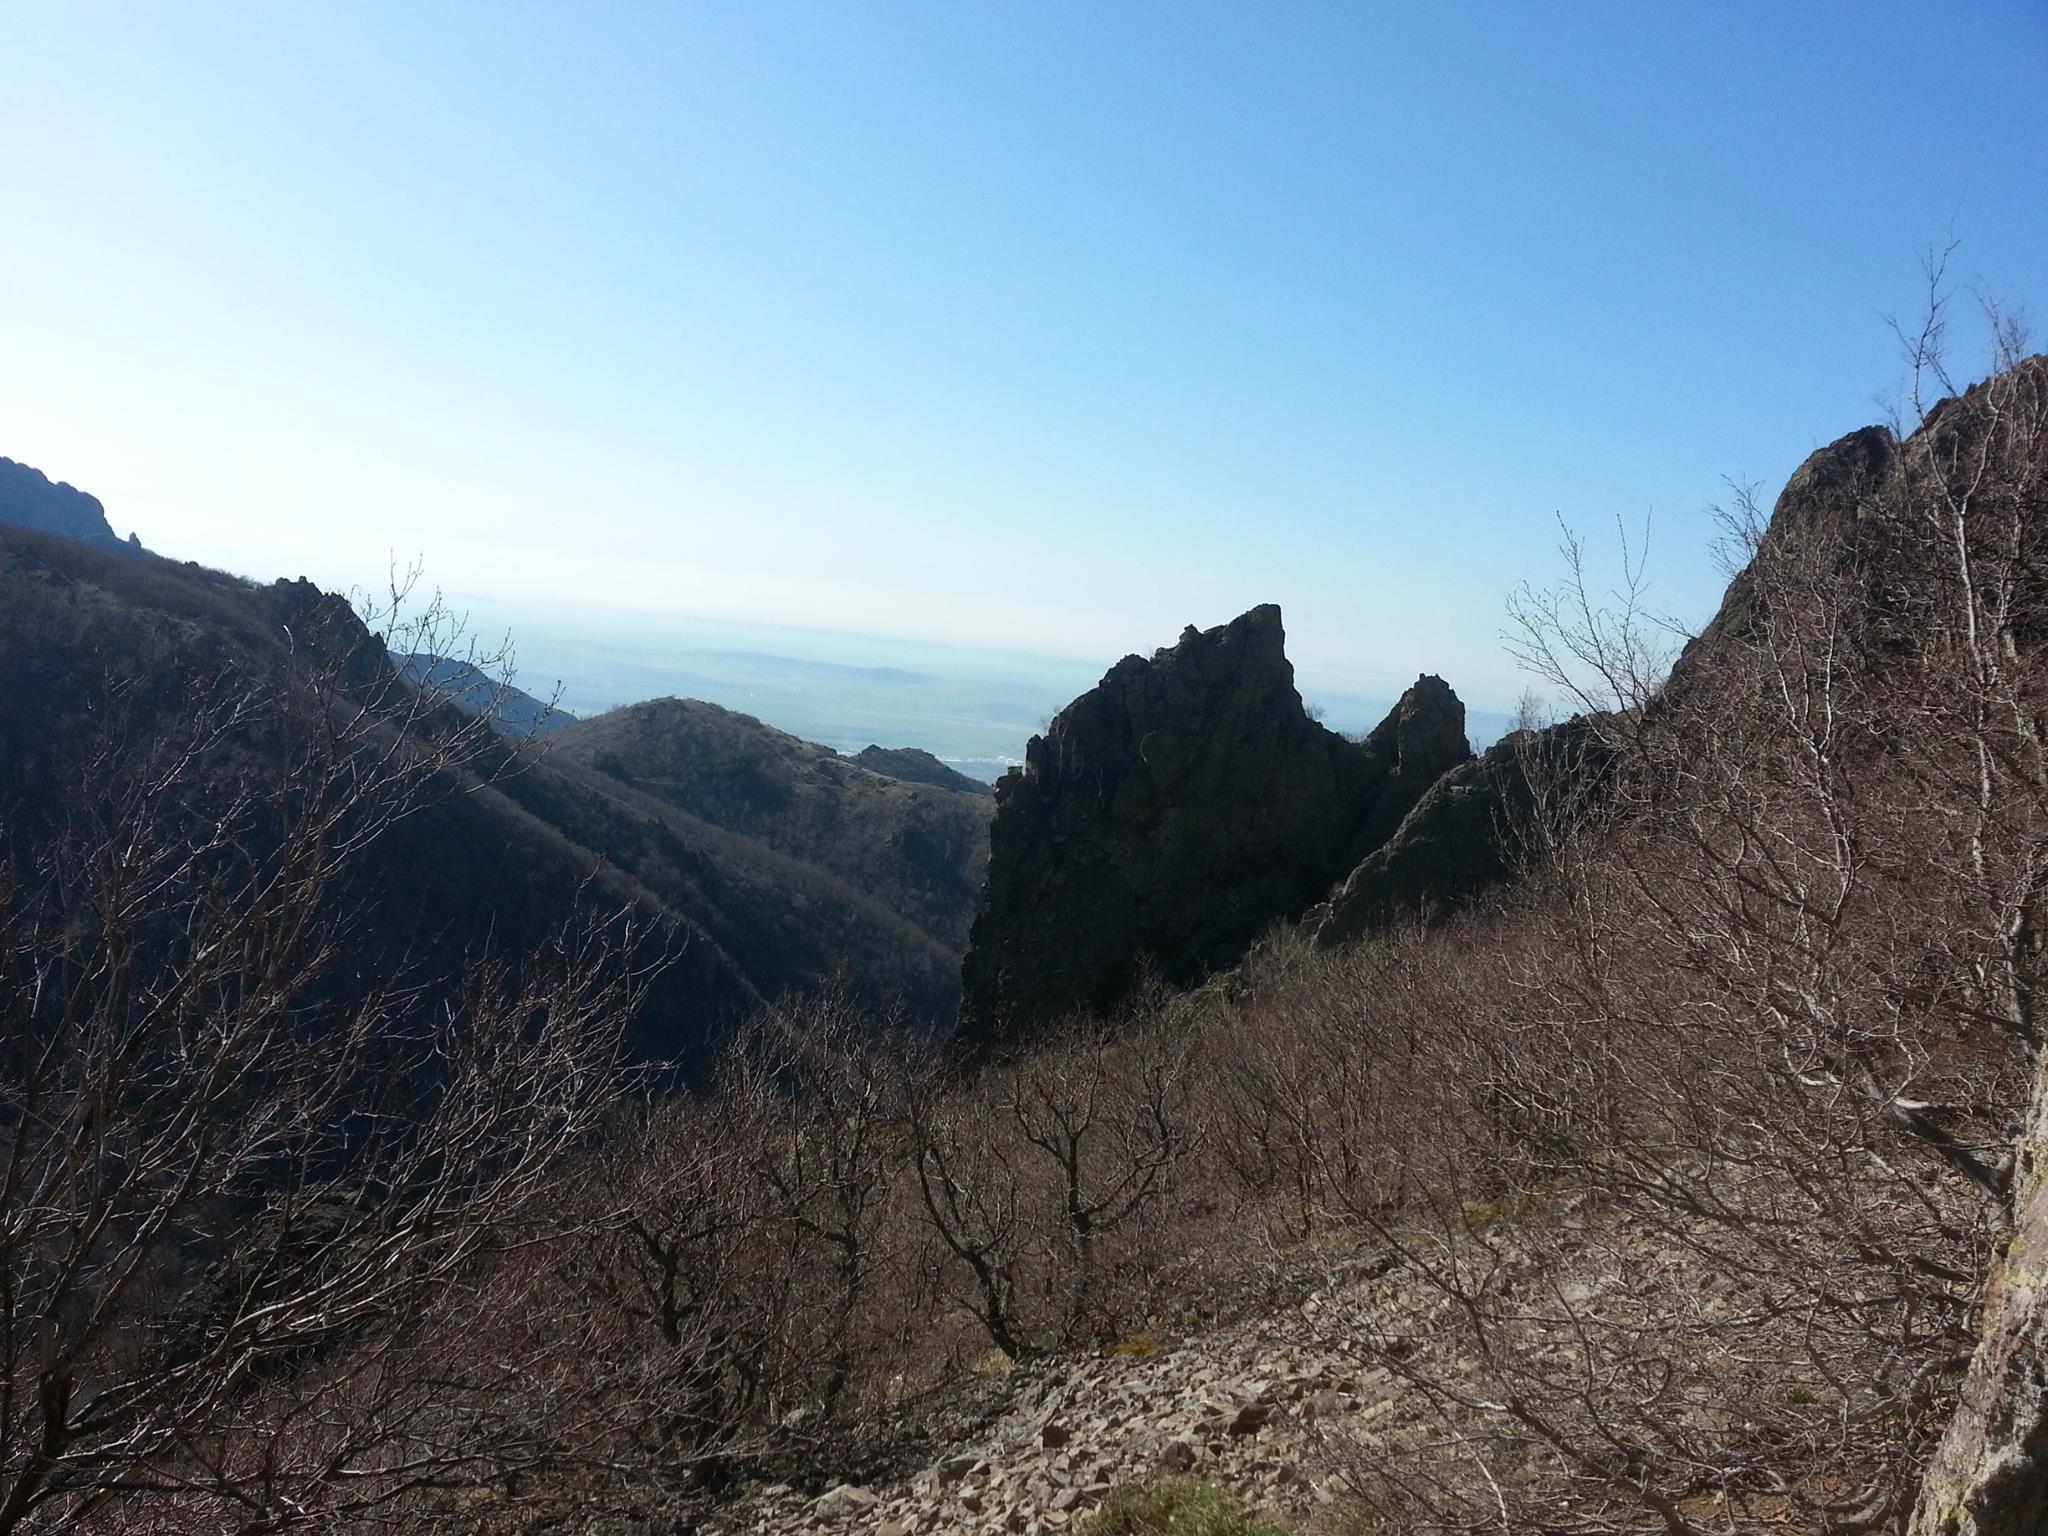 17-ти километър: Мала планина